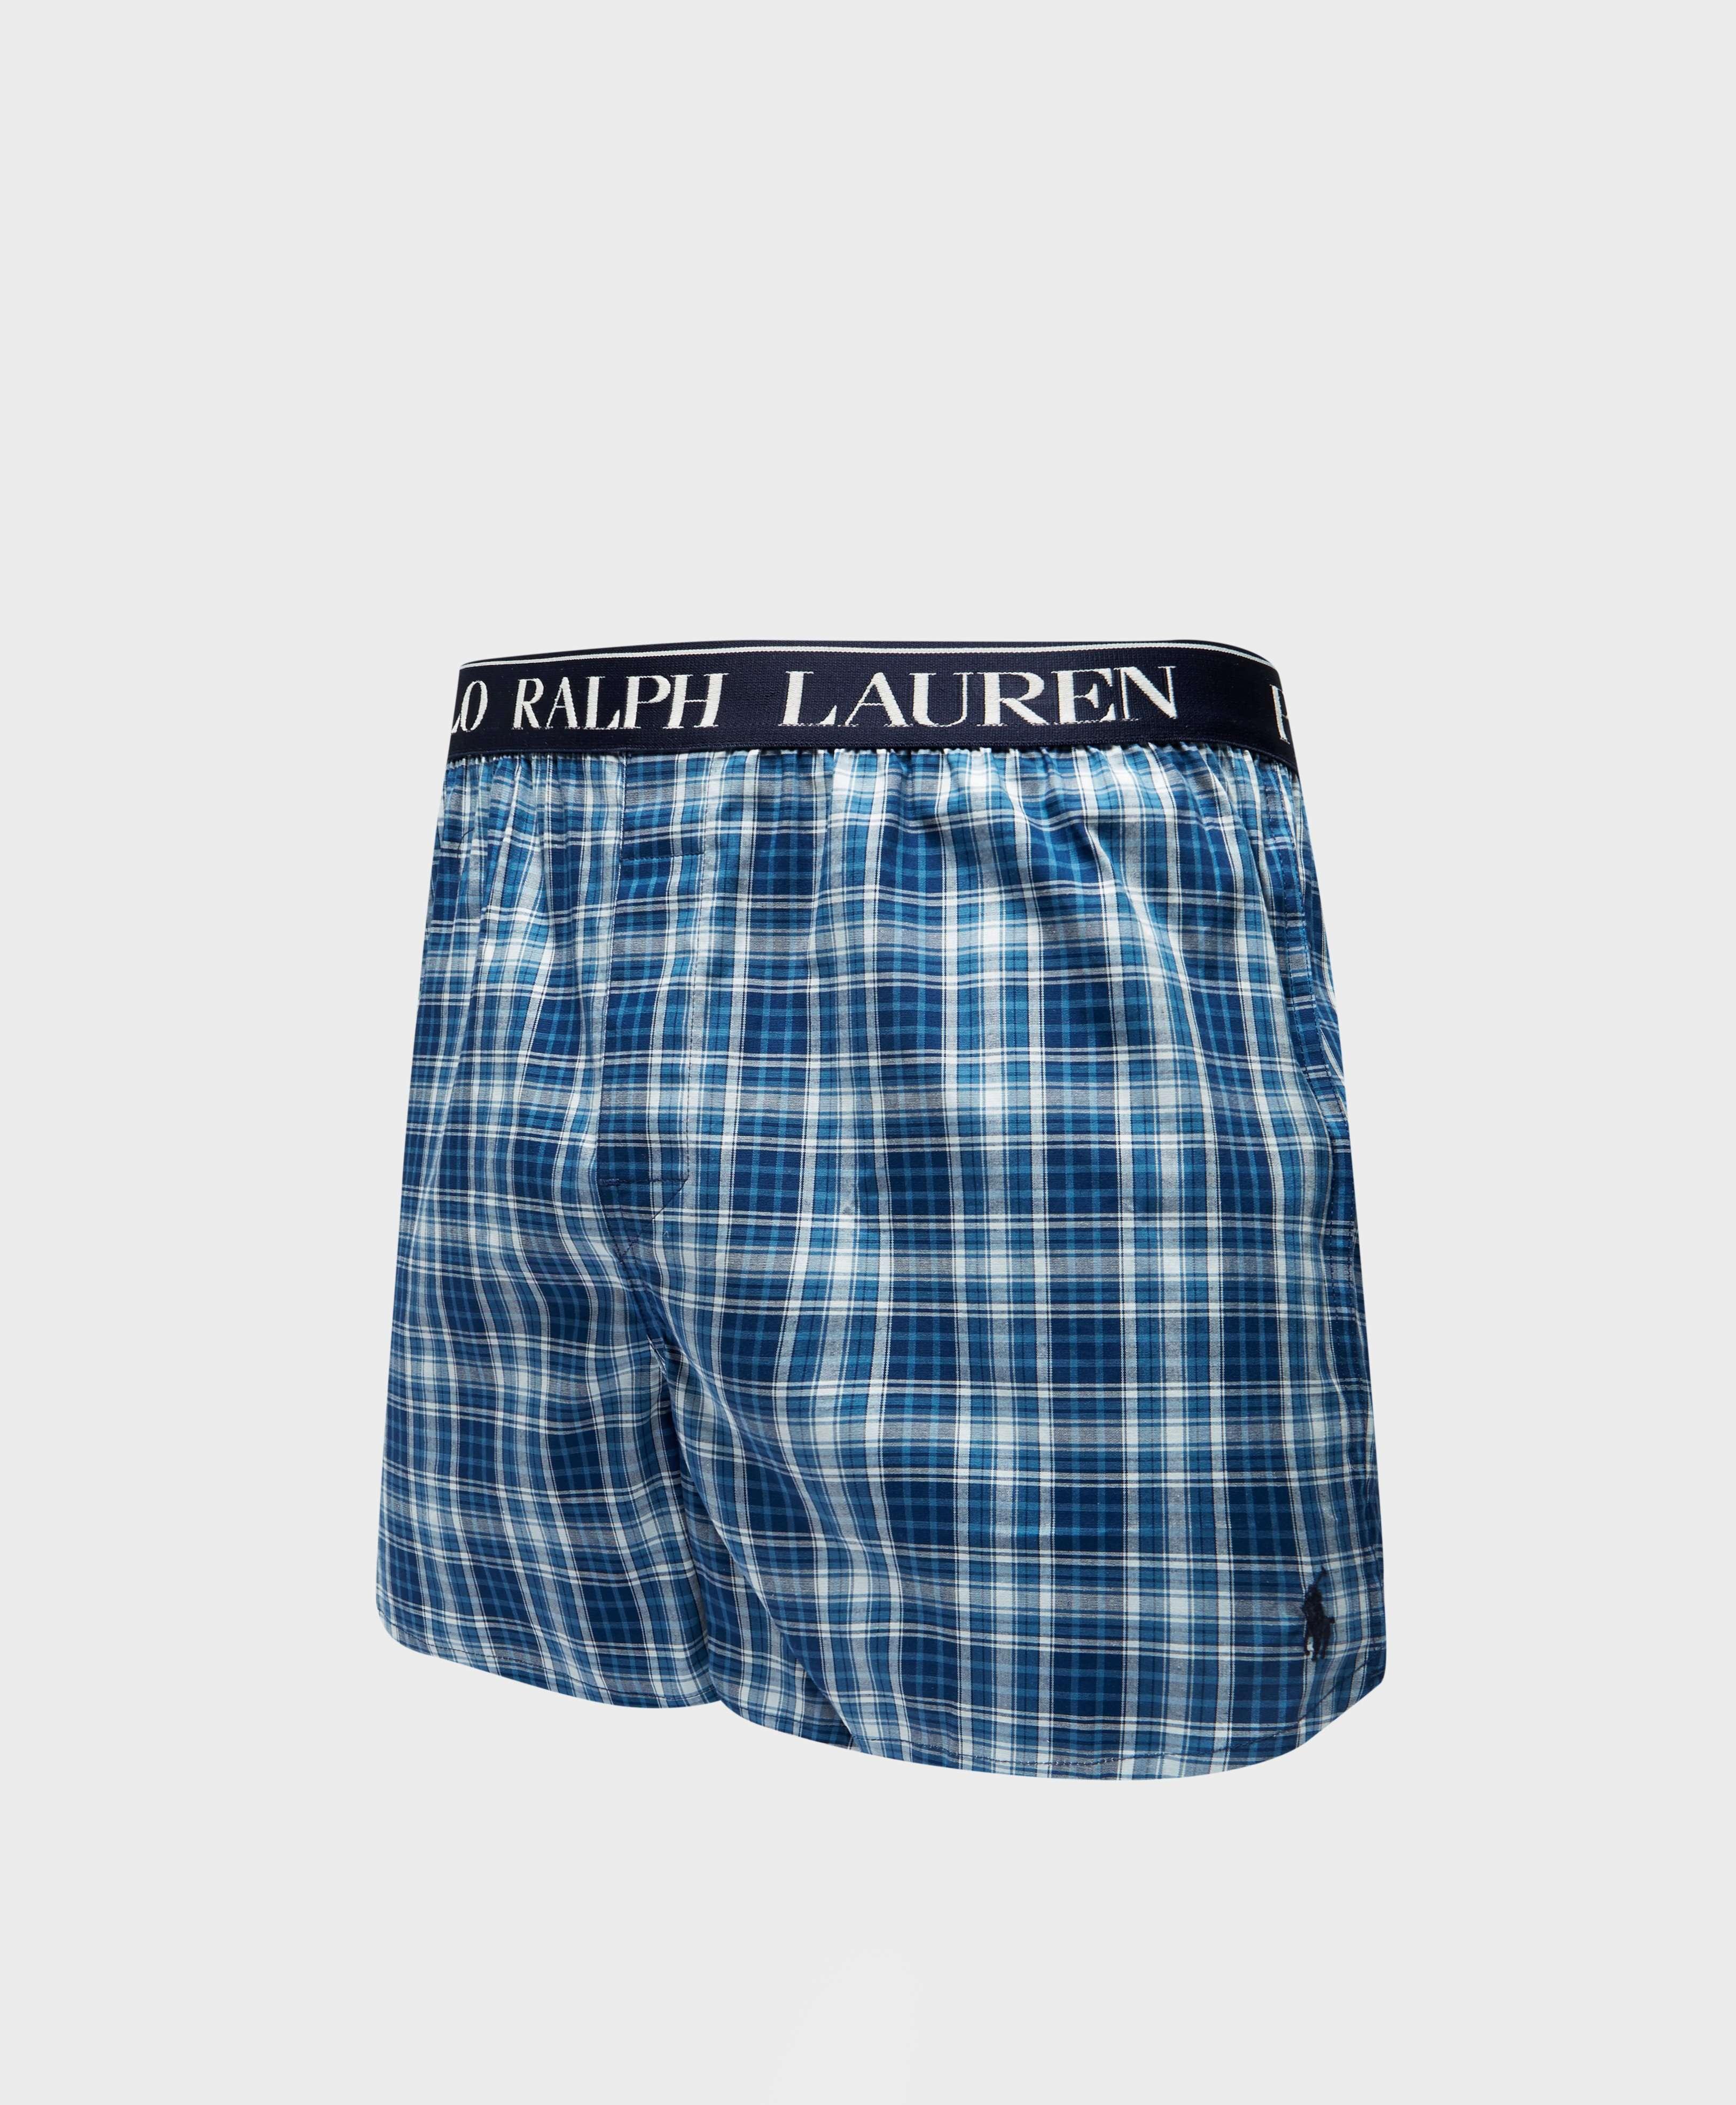 Polo Ralph Lauren Woven Check Boxer Shorts